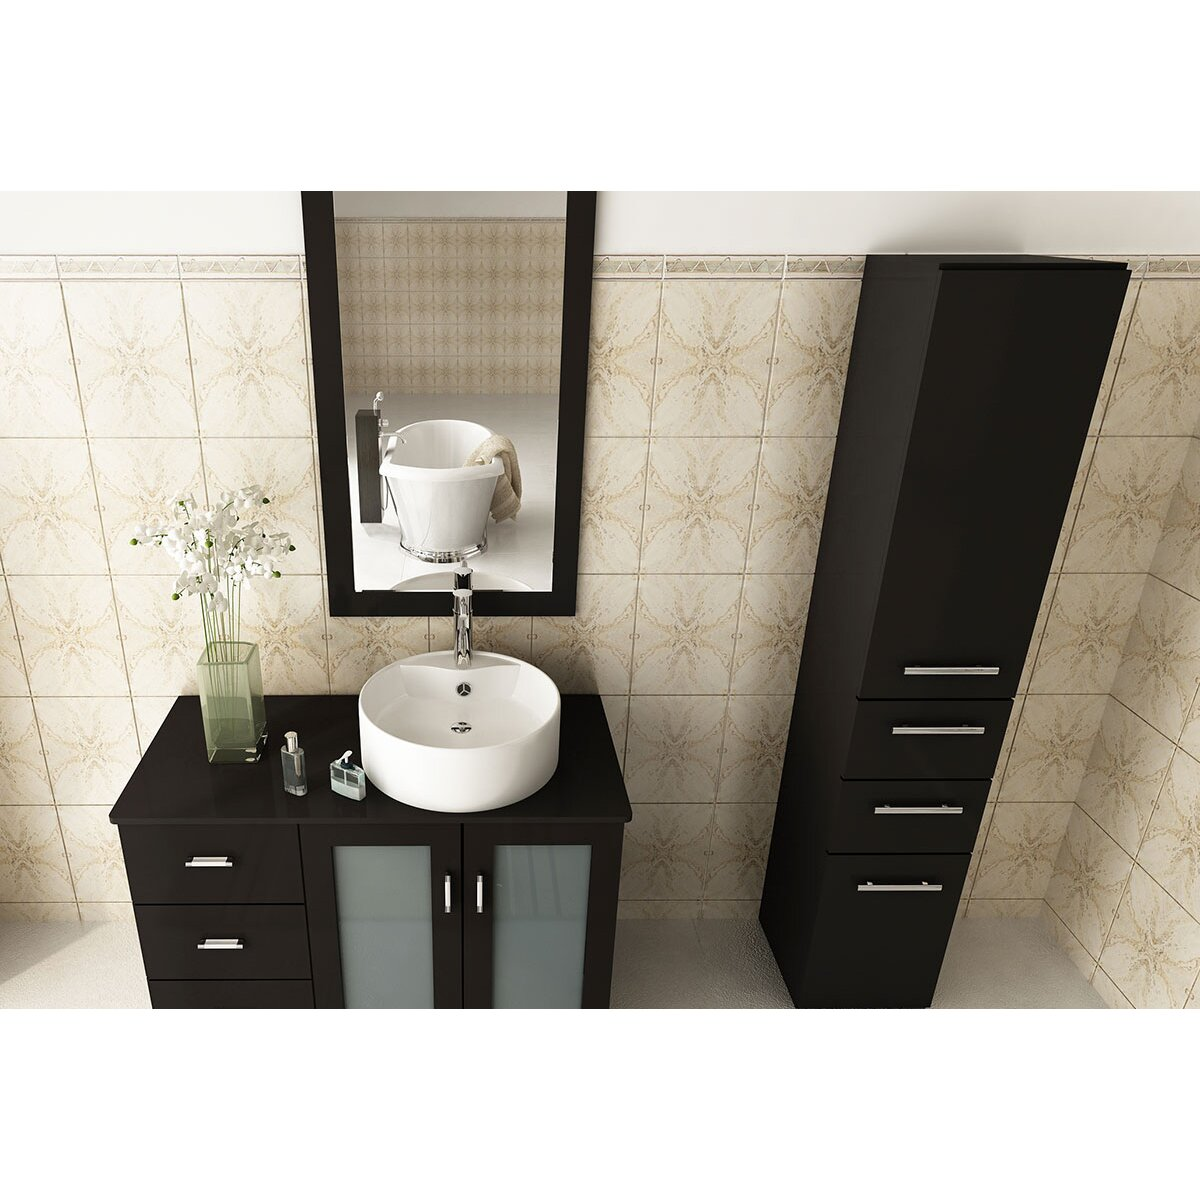 Jwh Living 39 Single Lune Modern Bathroom Vanity Set Reviews Wayfair